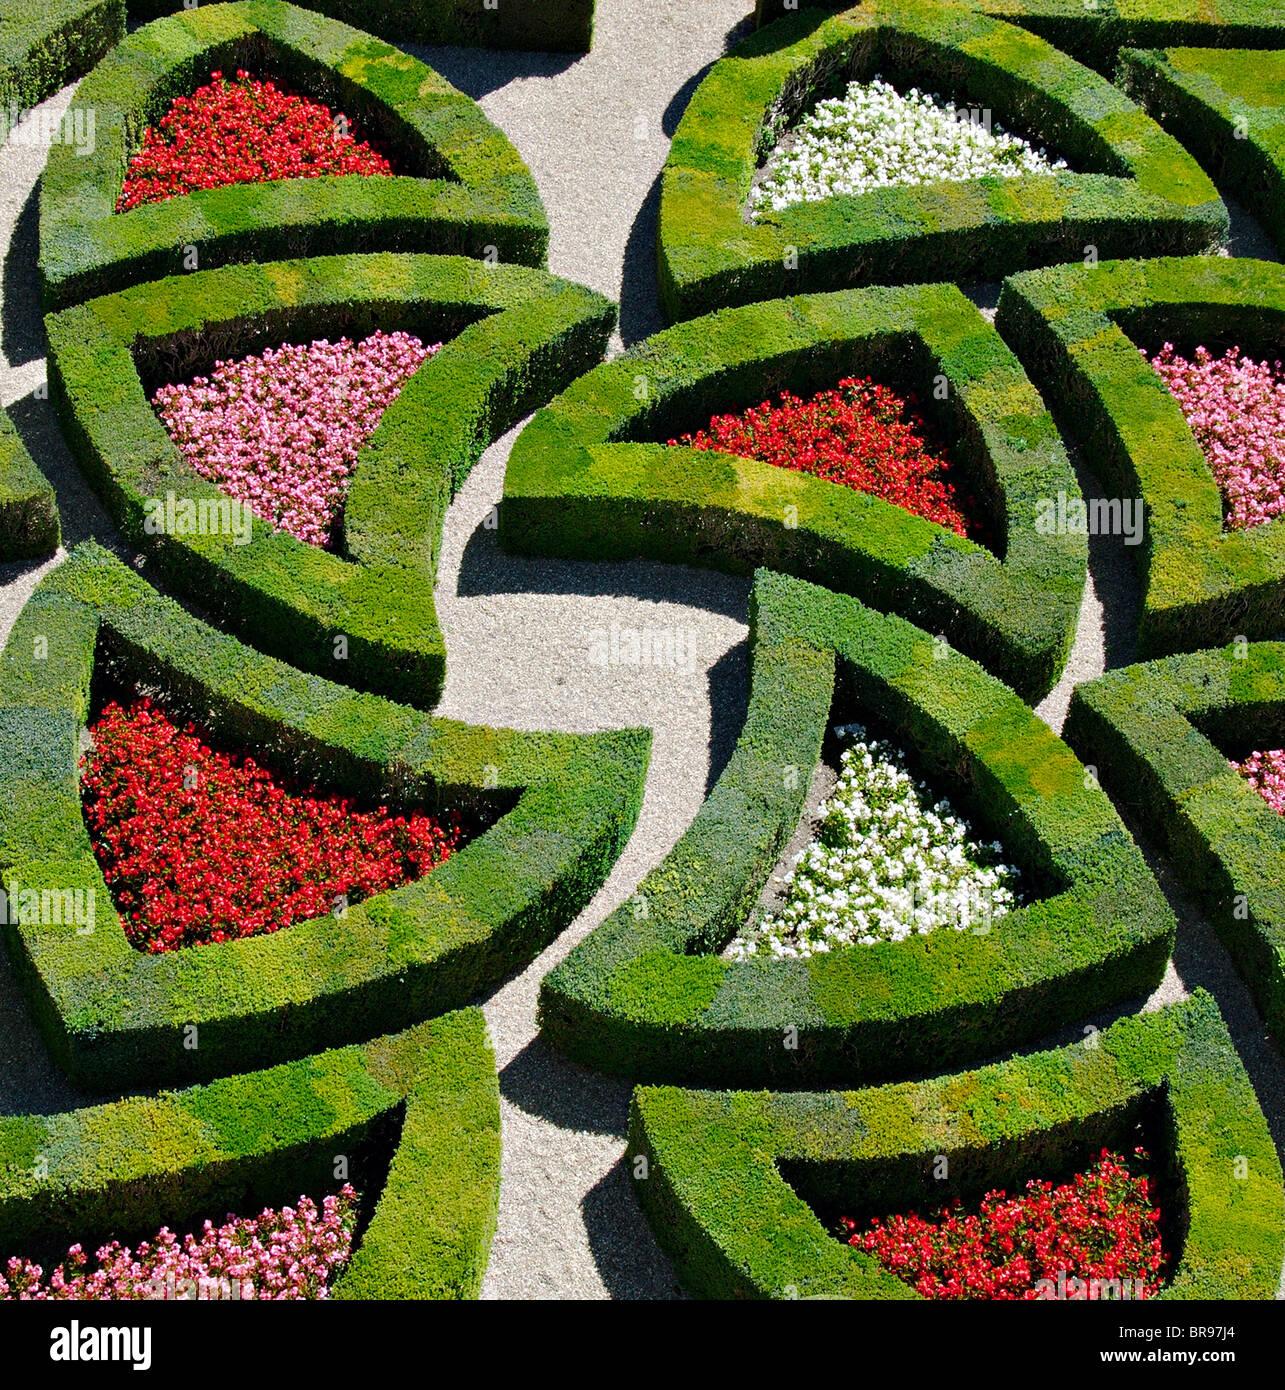 Leidenschaftliche Liebe: ein Teil der Liebesgarten, Chateau de Villandry, Frankreich Stockbild